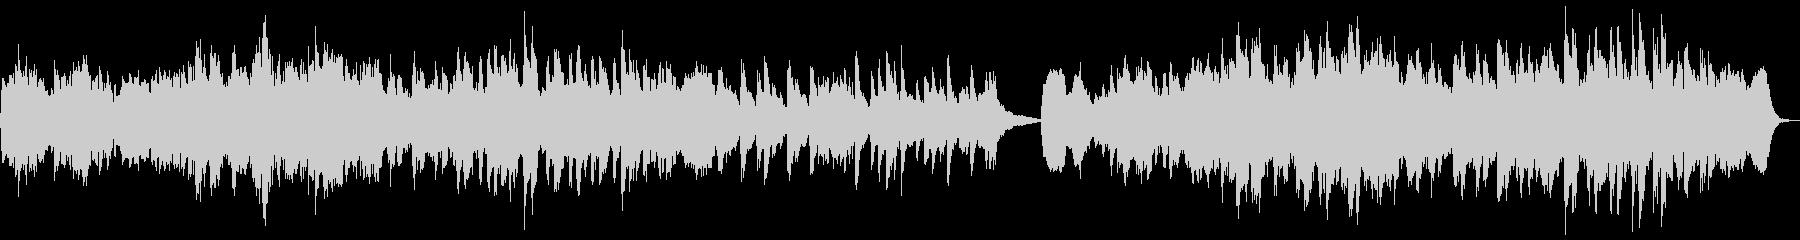 ヴィオラとピアノによる本格的なマズルカの未再生の波形